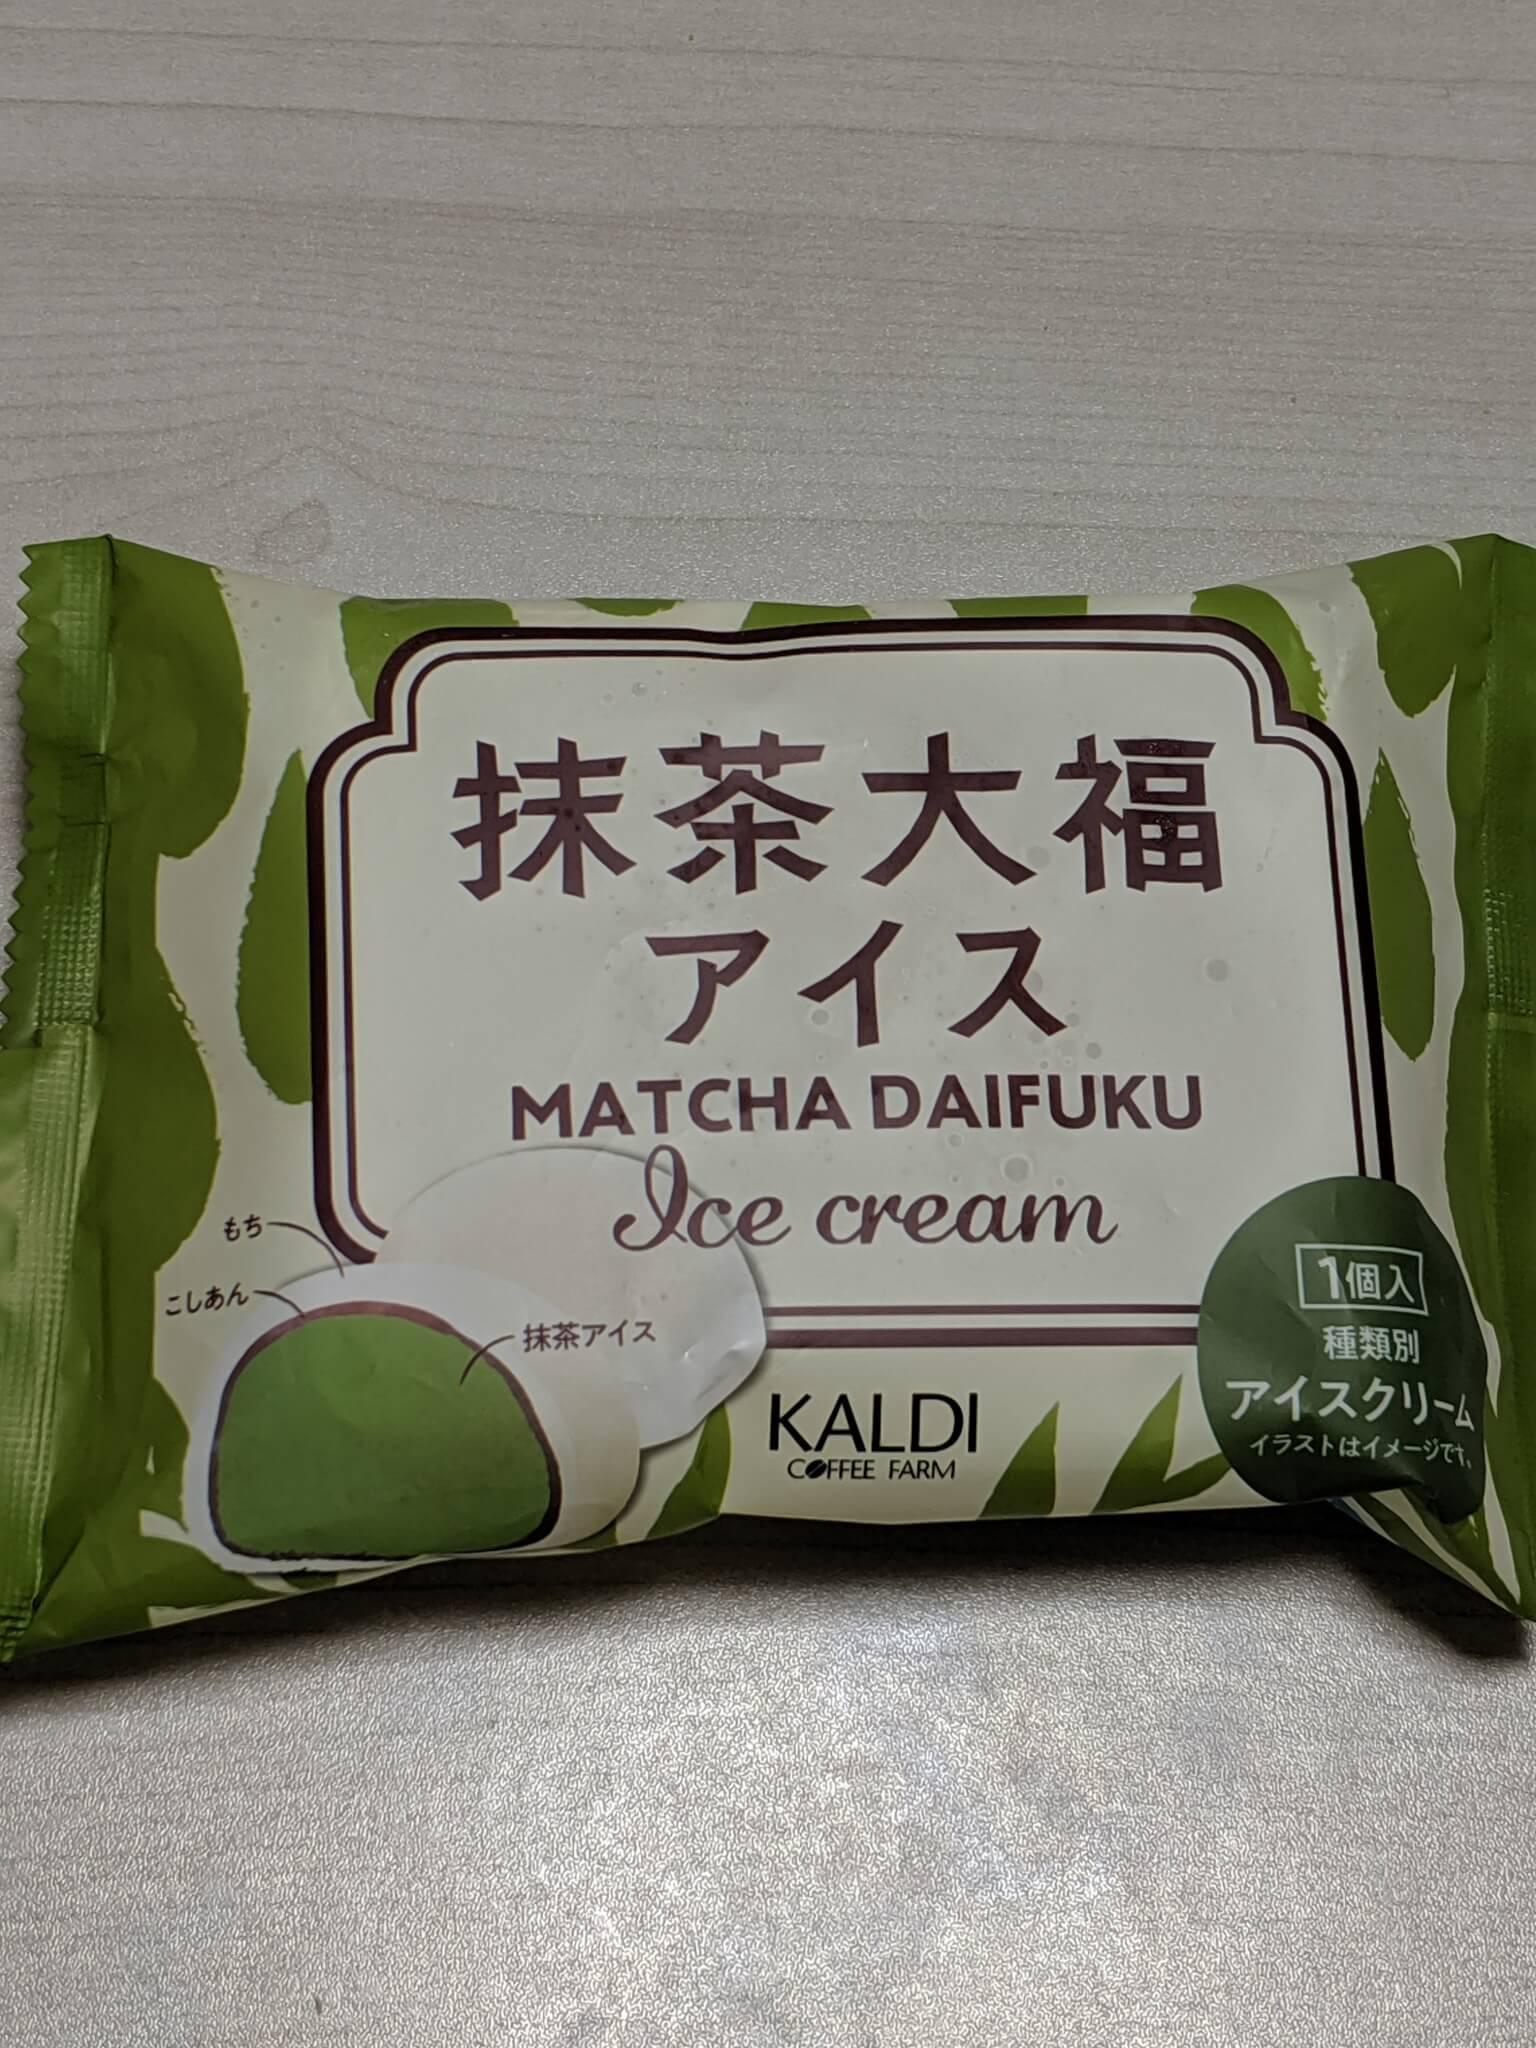 カルディの抹茶大福アイス